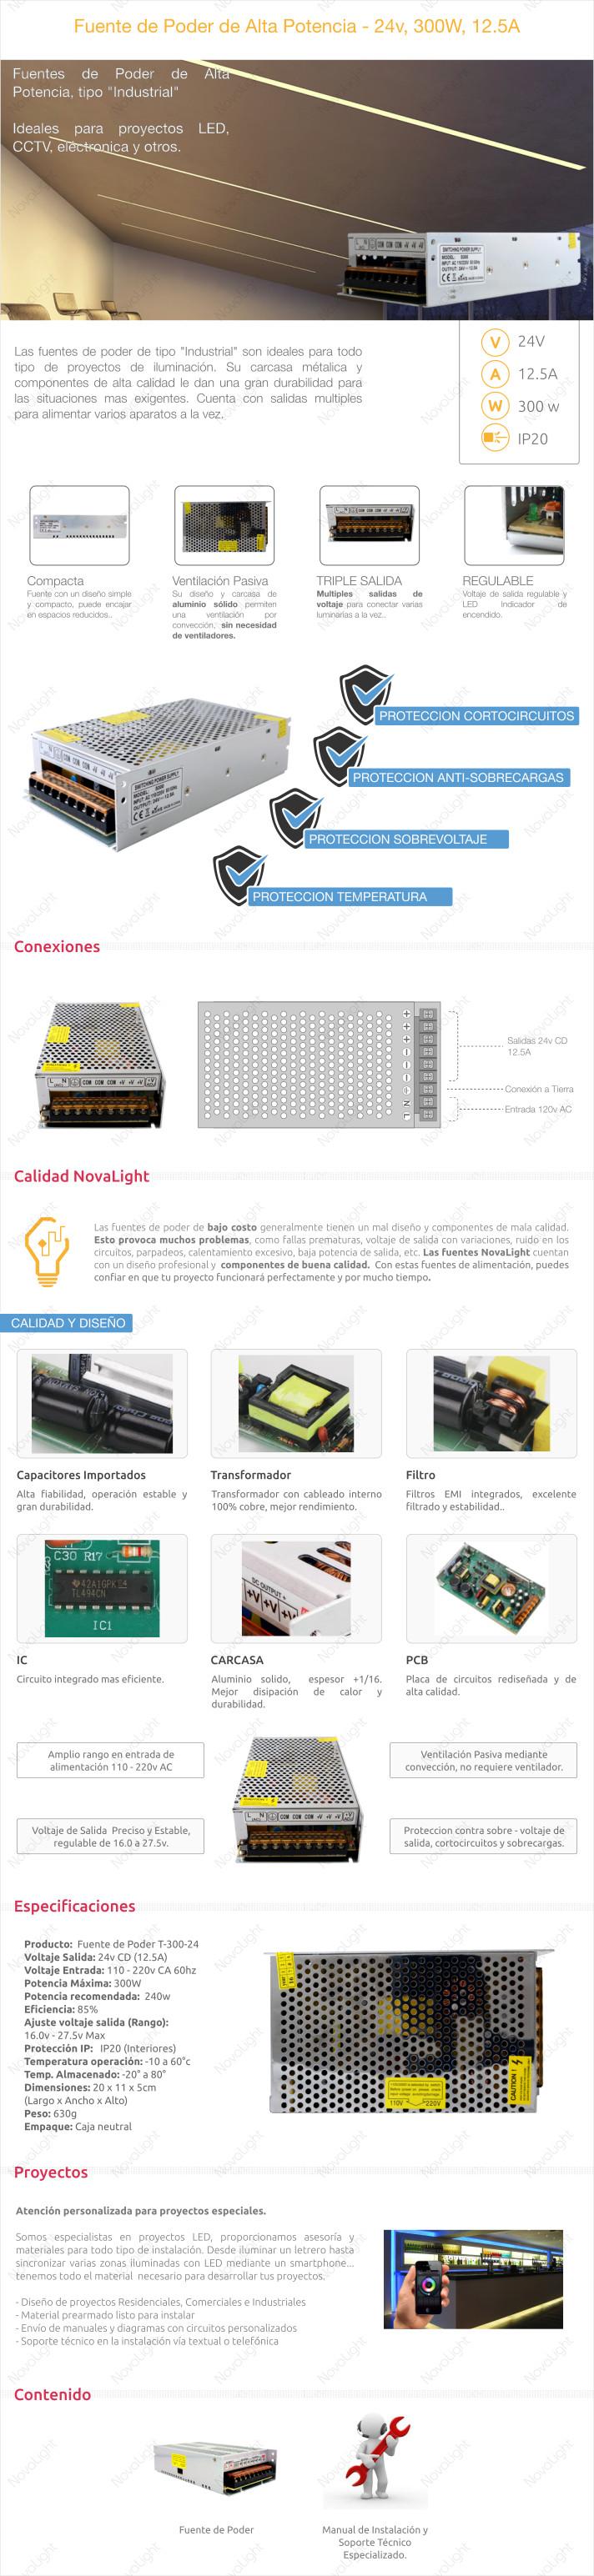 Descripcion de Fuente de Poder 24v 300W, ideal para proyectos con LED y otras aplicaciones.